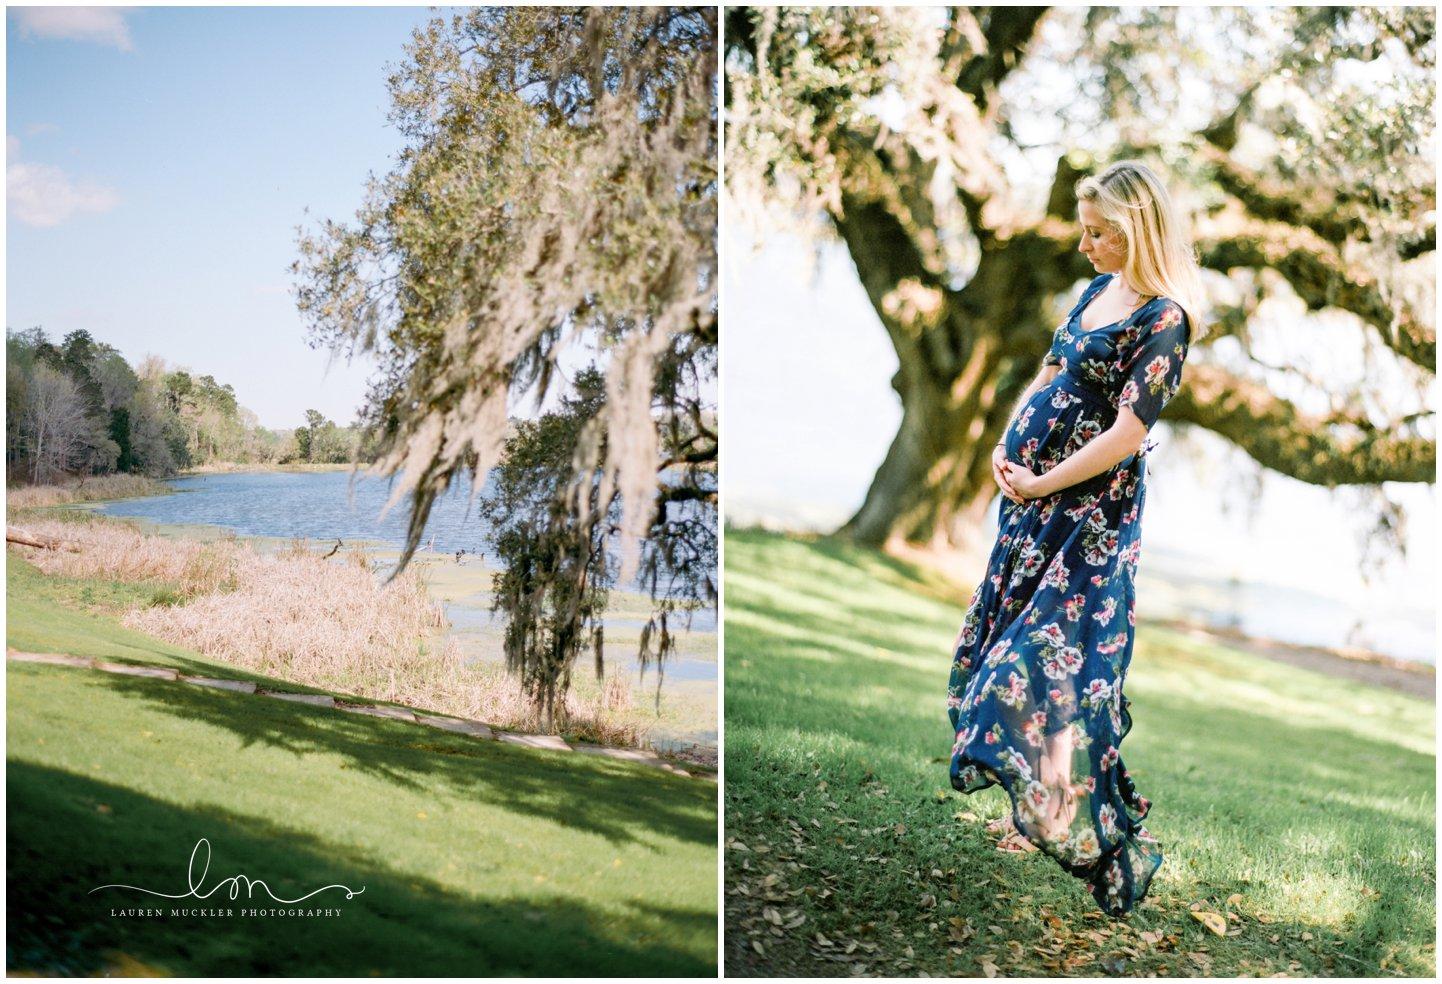 st louis photography_maternity_lauren muckler photography_film_st louis film photographer_0014.jpg